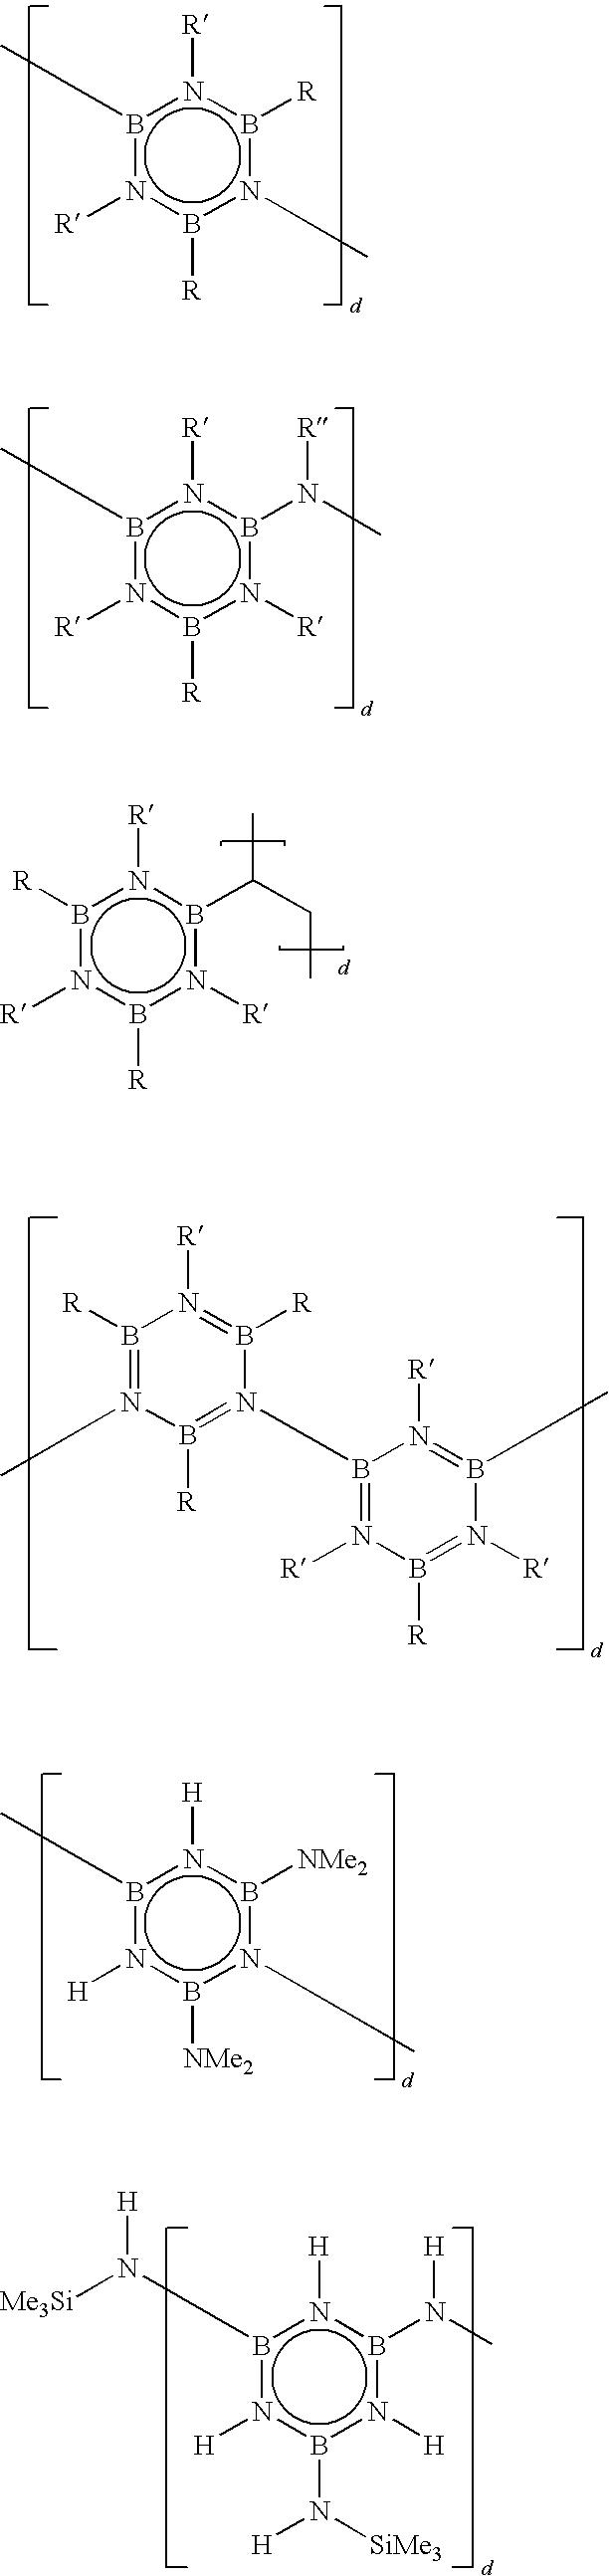 Figure US07625642-20091201-C00006